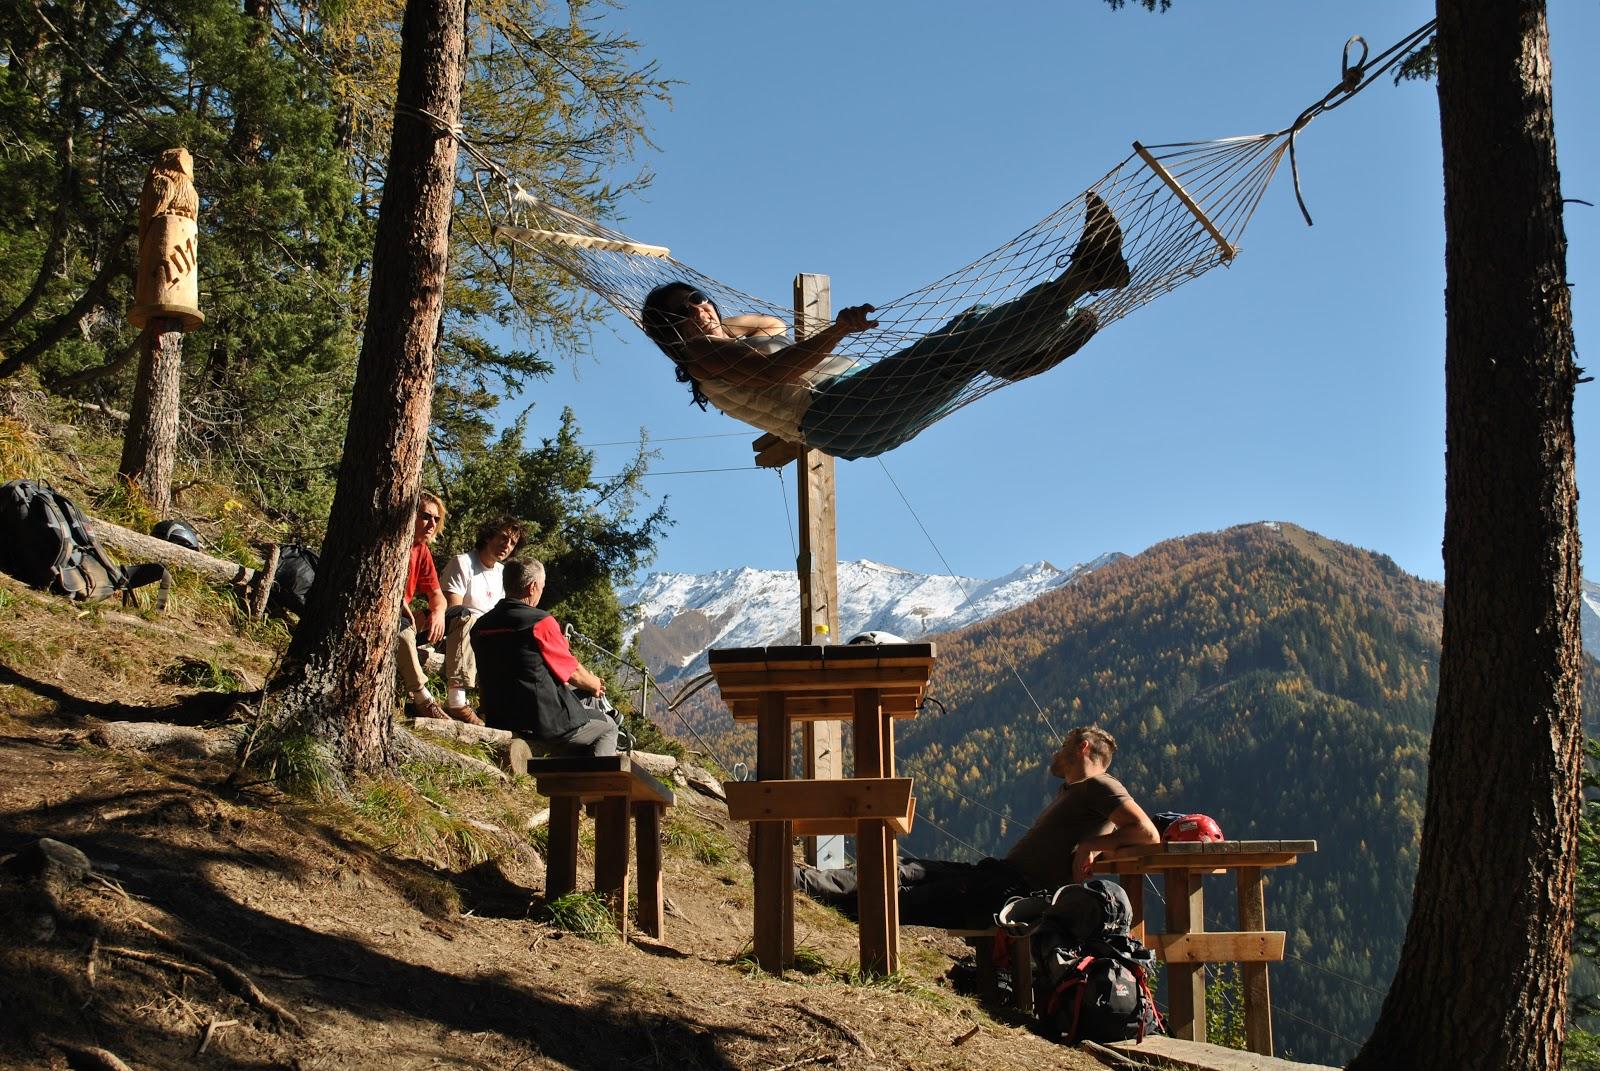 St Jodok Klettersteig : Gebis guide to sports in innsbruck klettersteig stafflacher wand